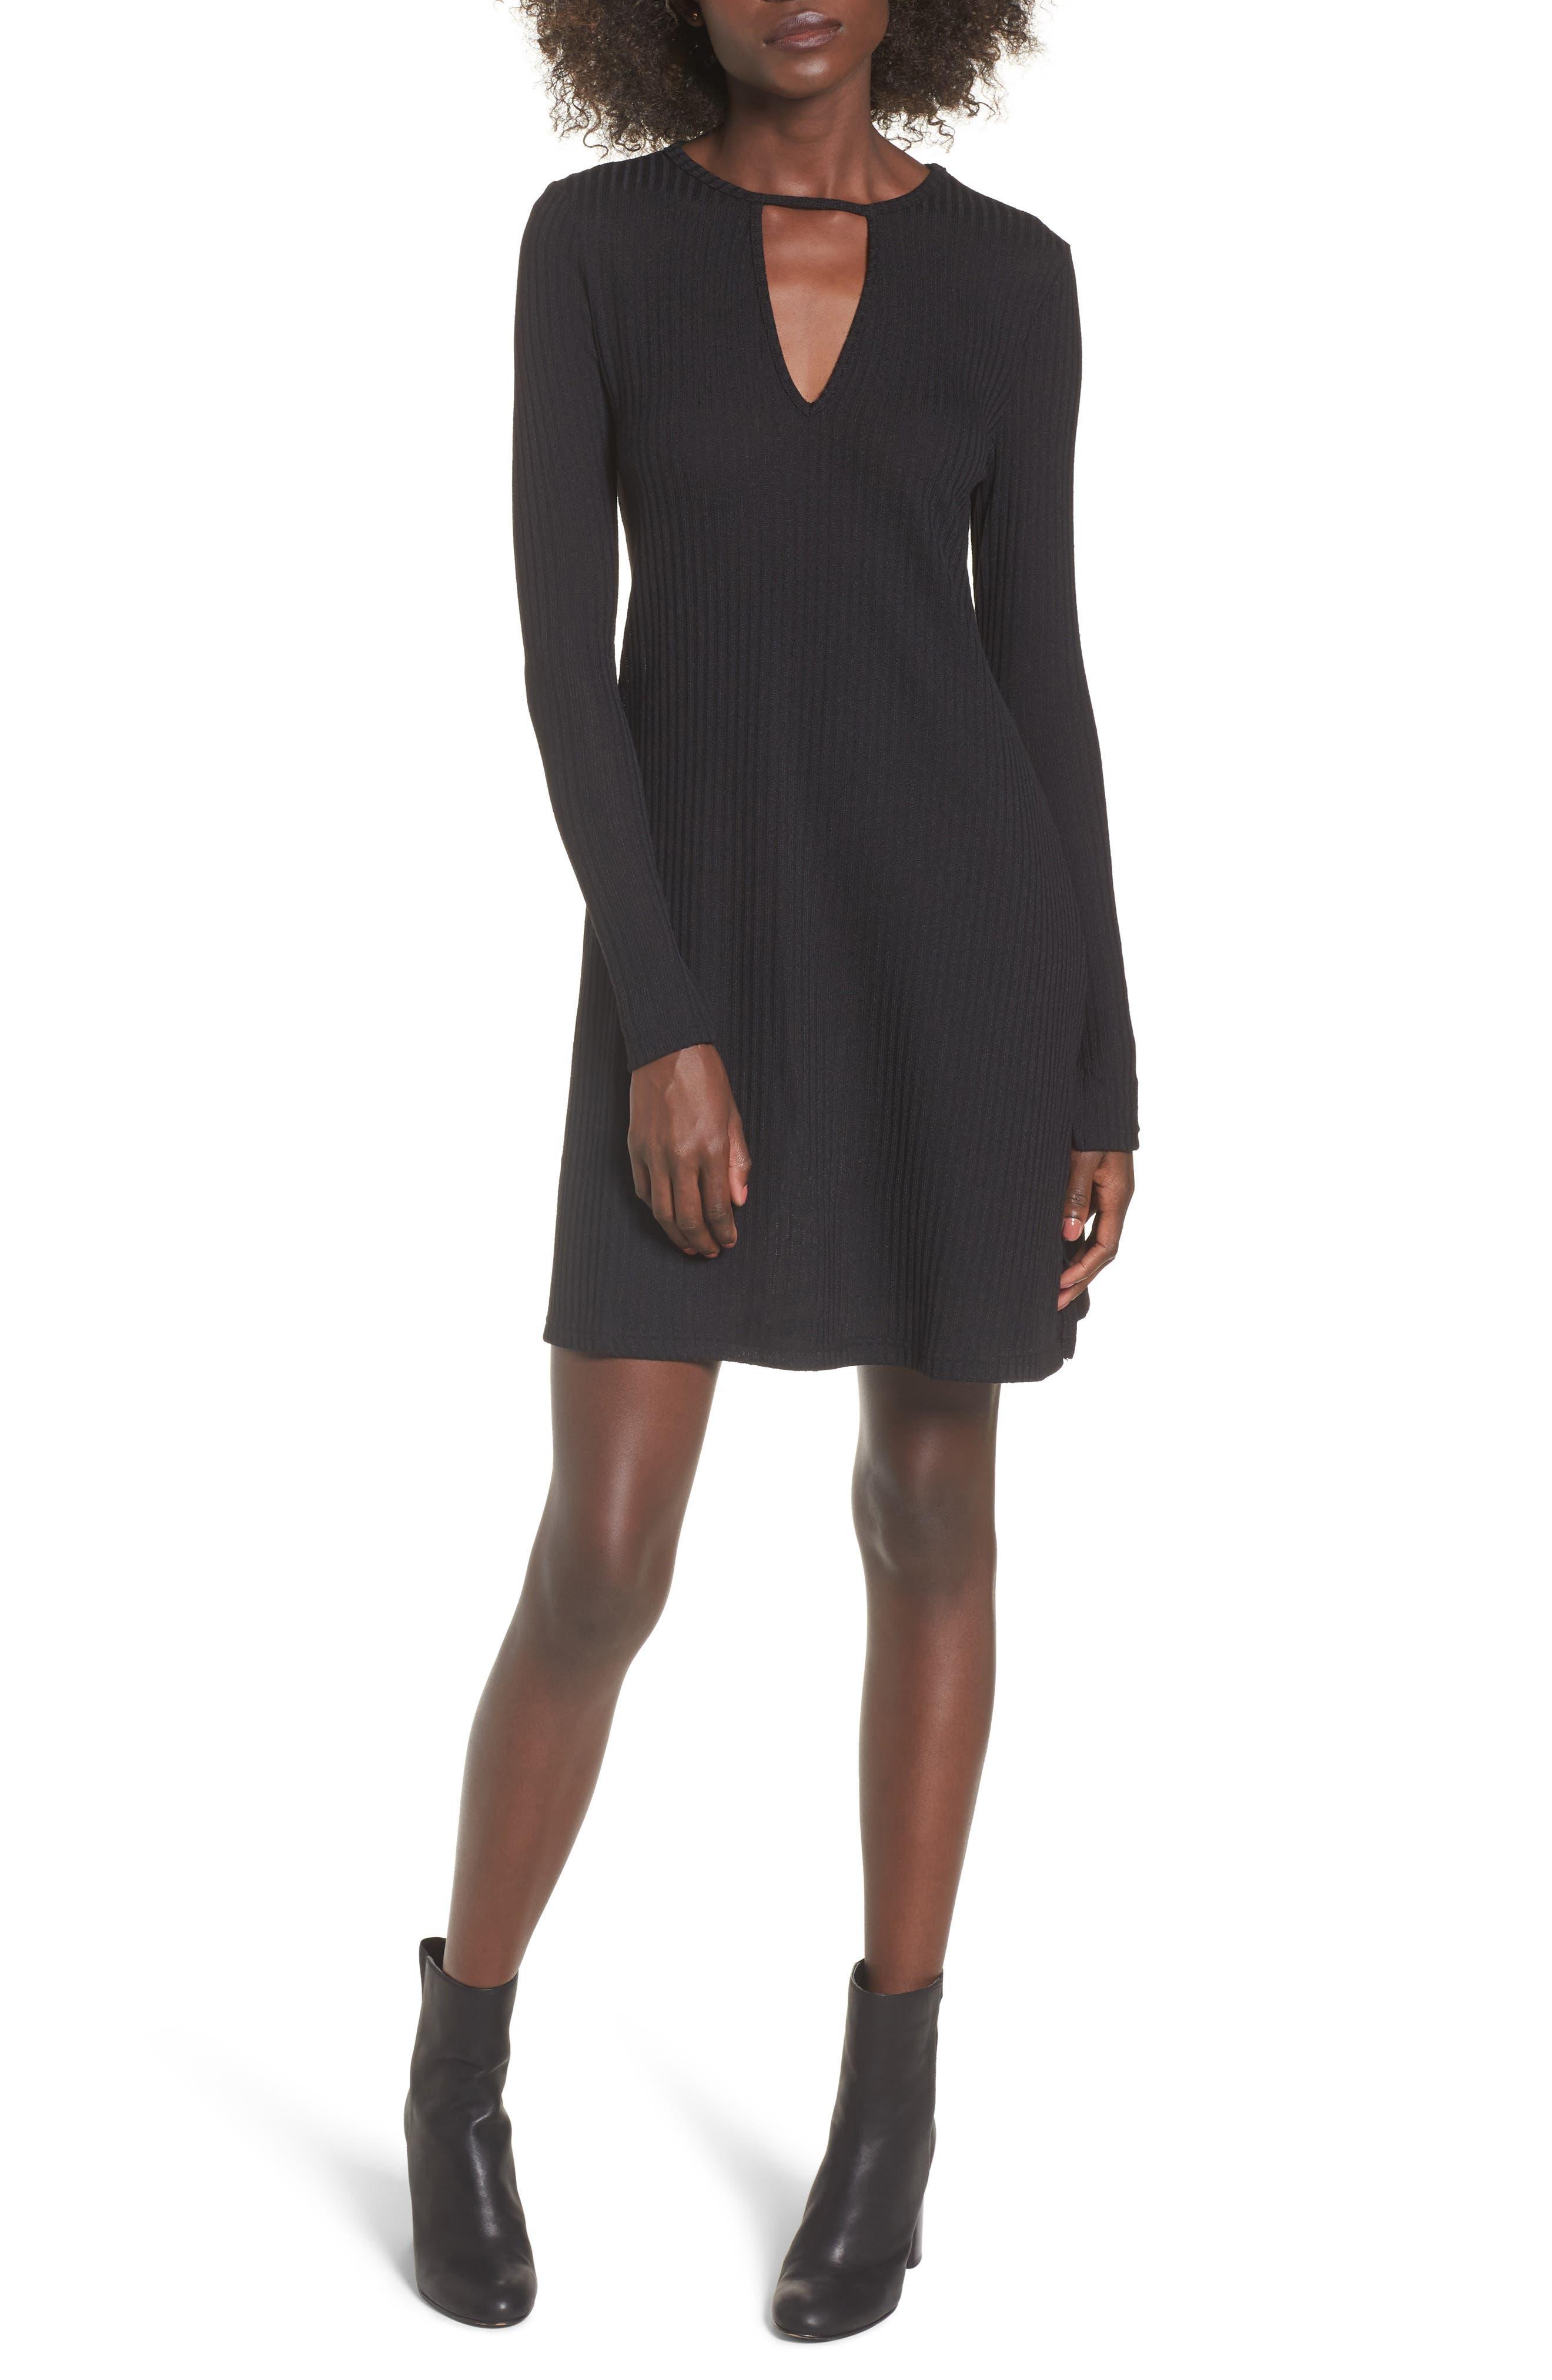 Maven Thermal Dress,                             Main thumbnail 1, color,                             001